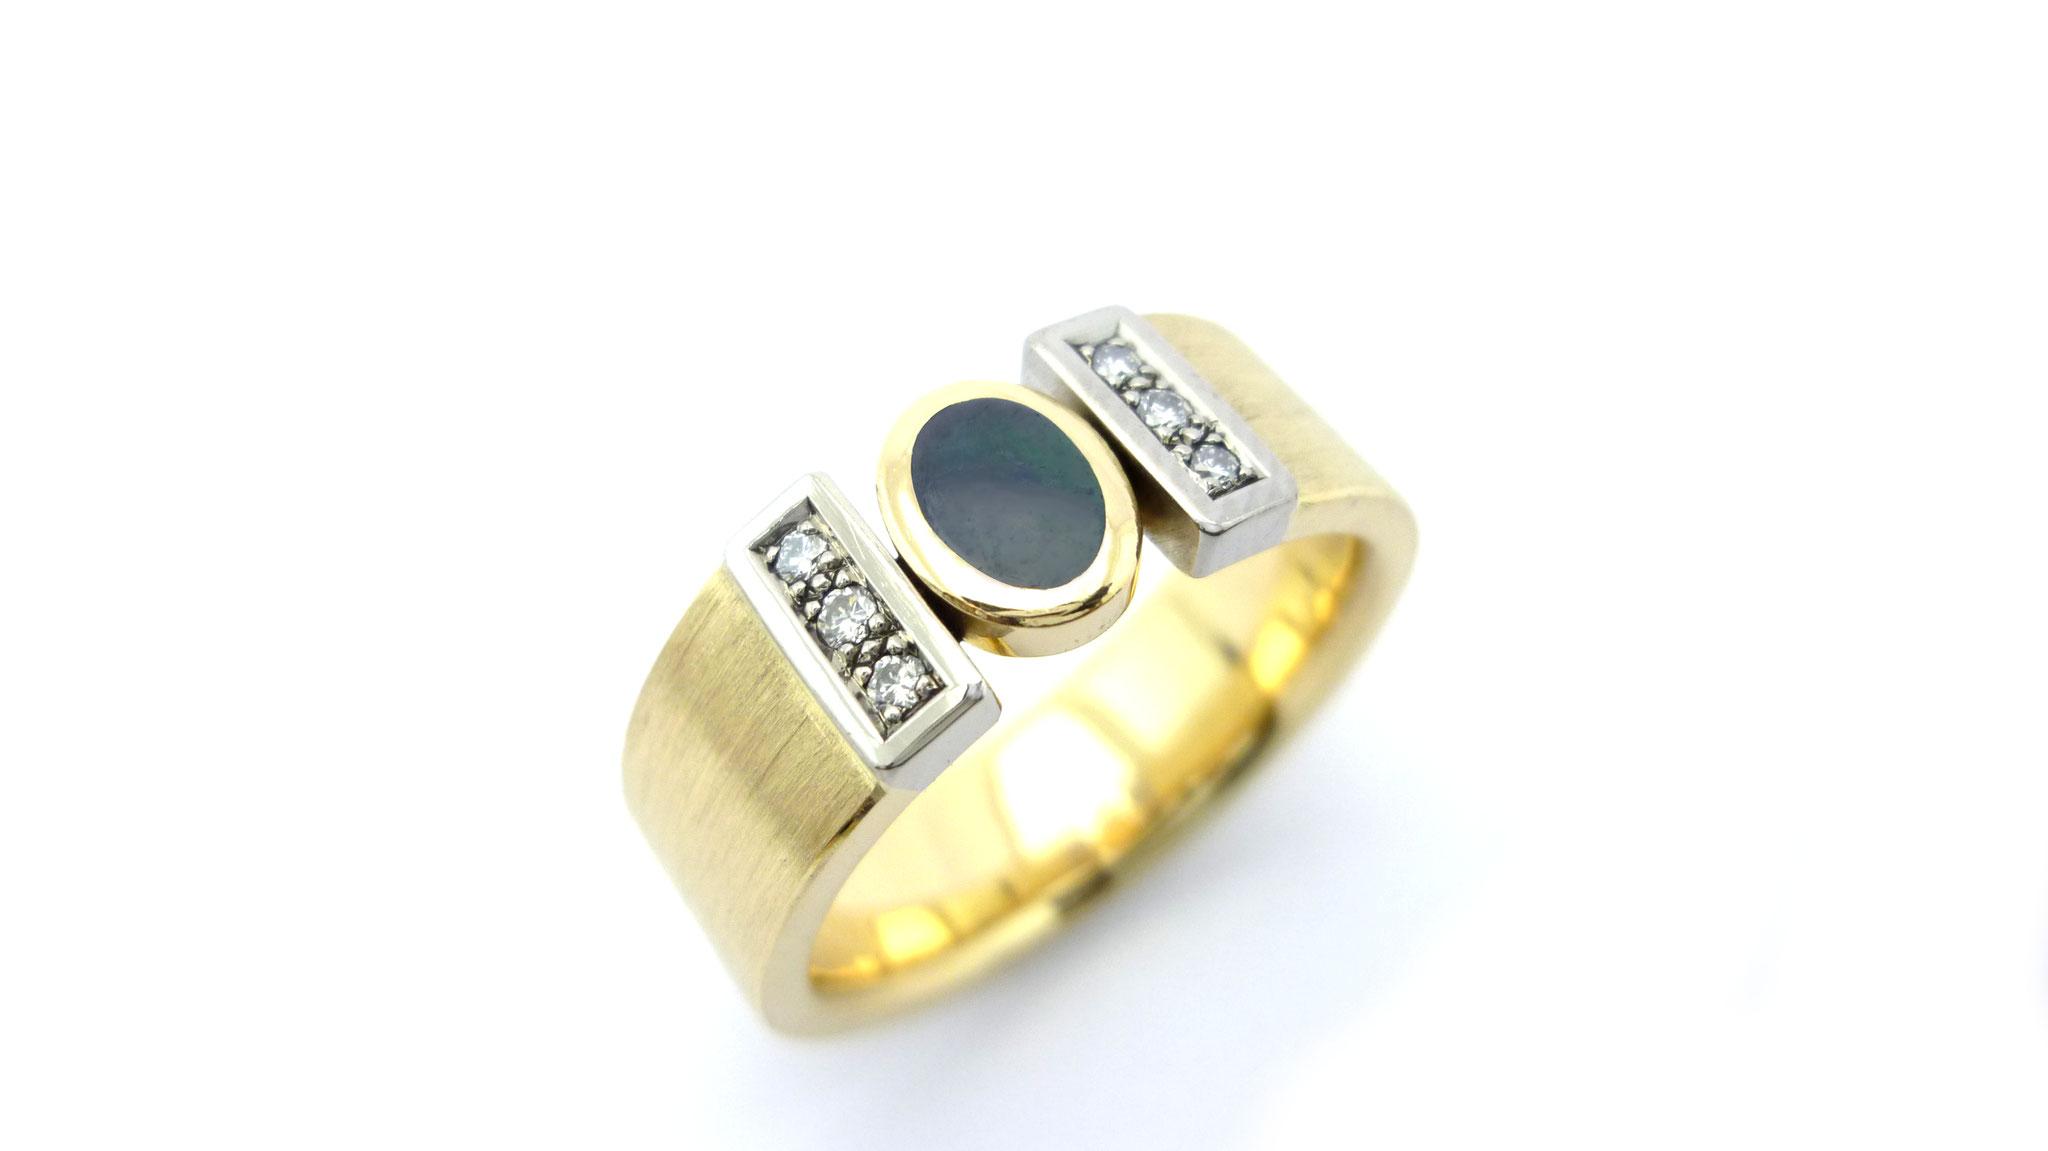 Gelb- und Weissgoldring mit Opal und Brillanten